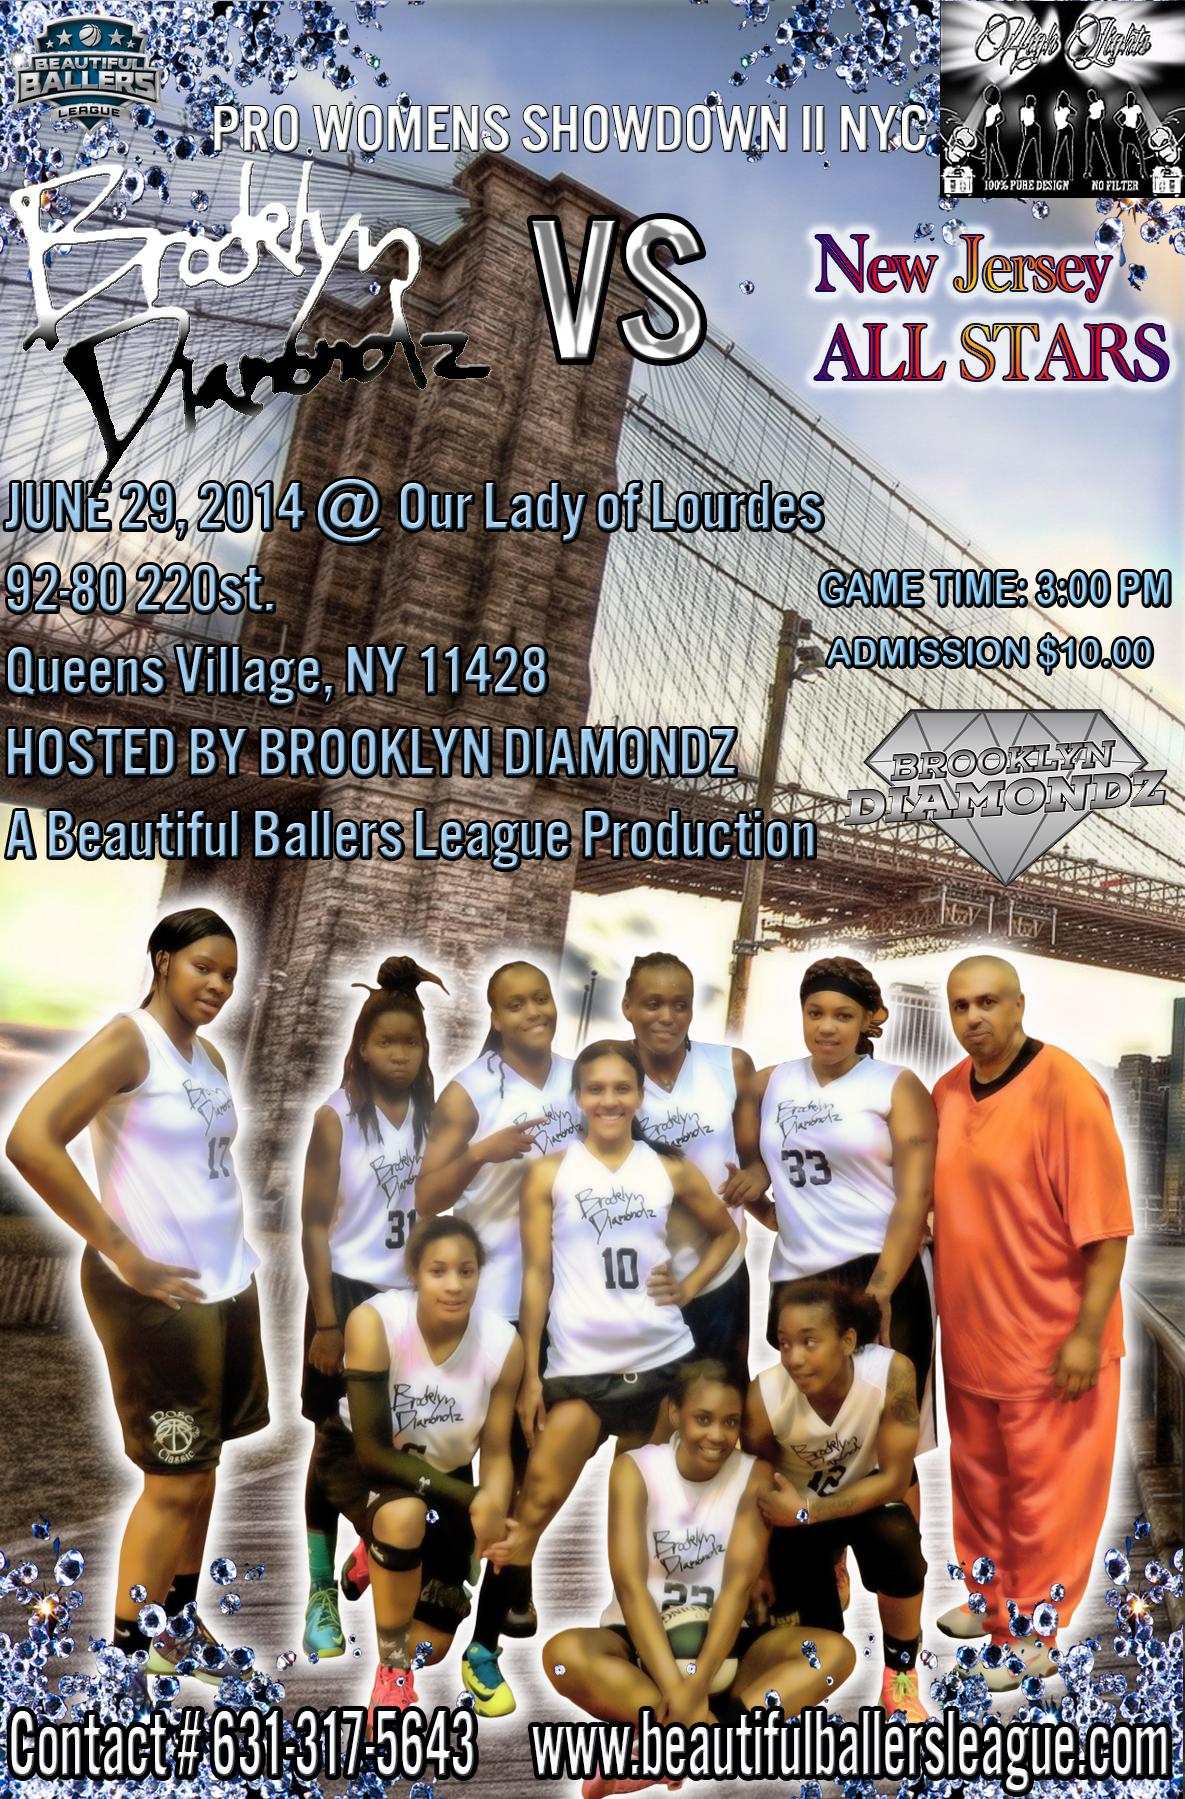 Brooklyn Diamond FlierV3.jpg